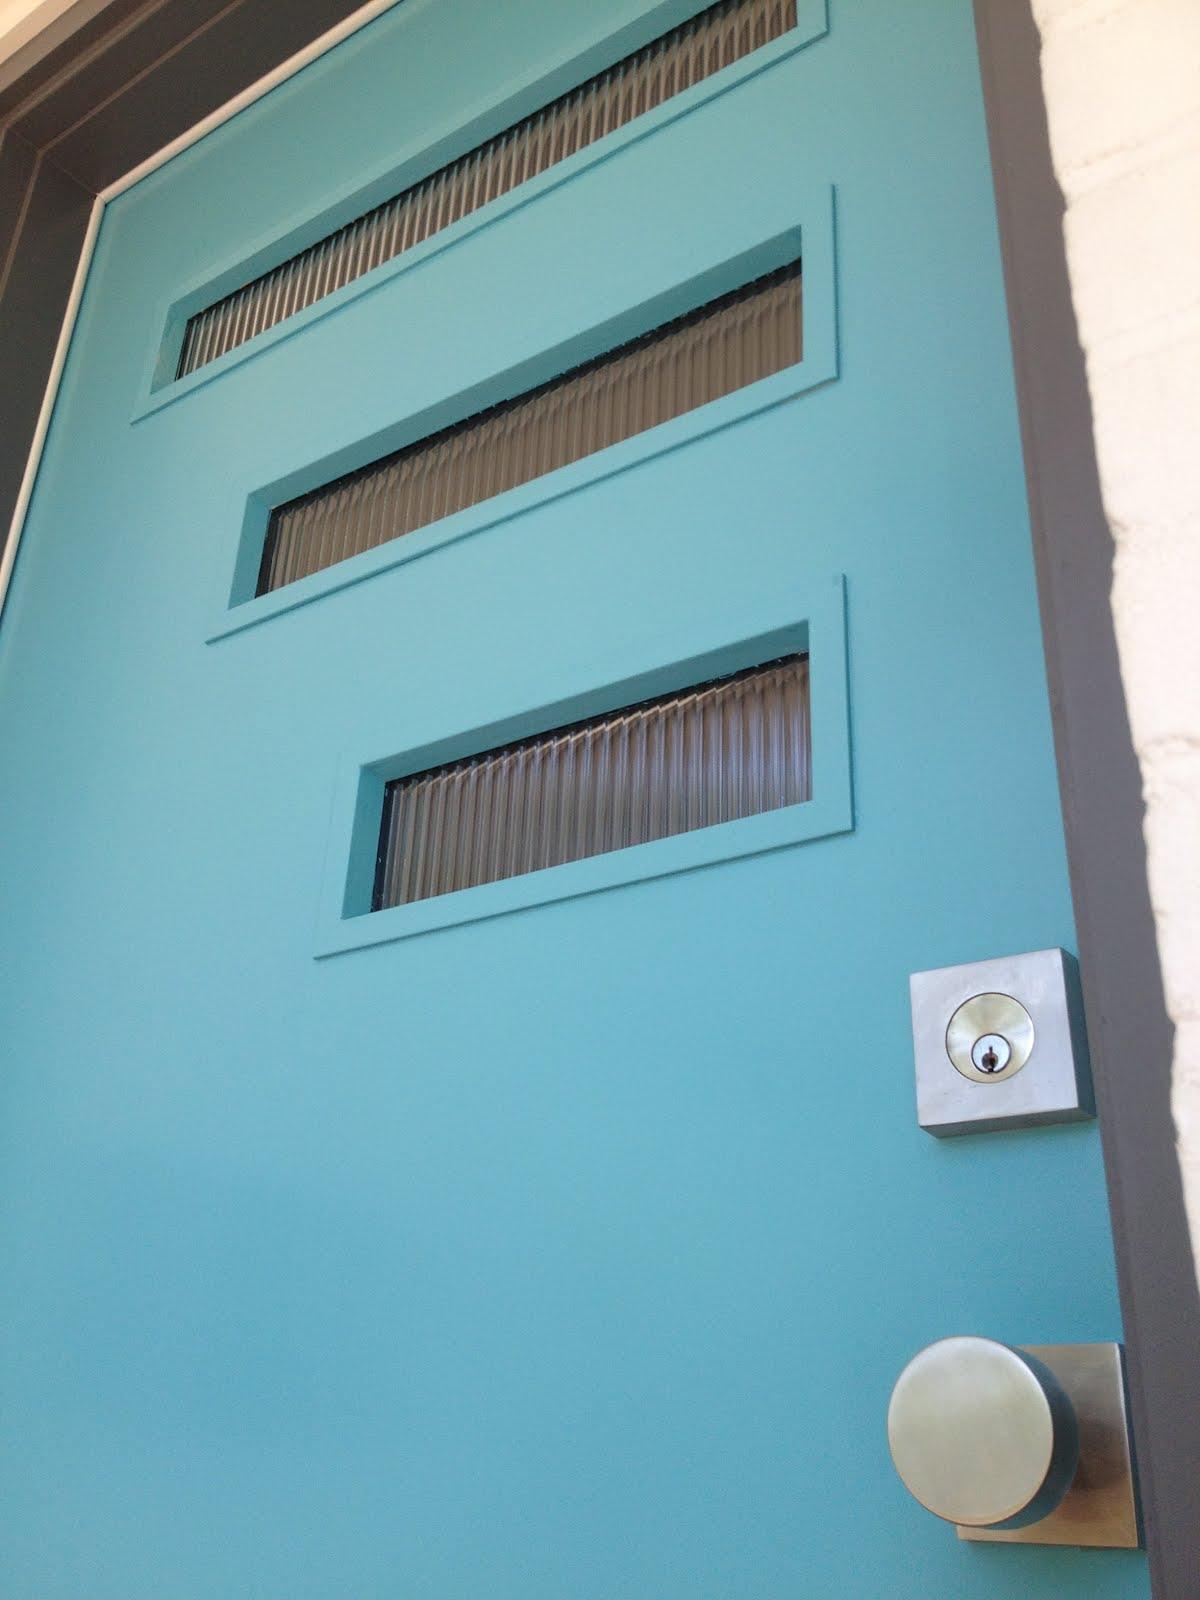 Mid Century Modern Walnut Bedroom Set By Kroehler For Sale: Mad For Mid-Century: Our Mid-Century Modern Door